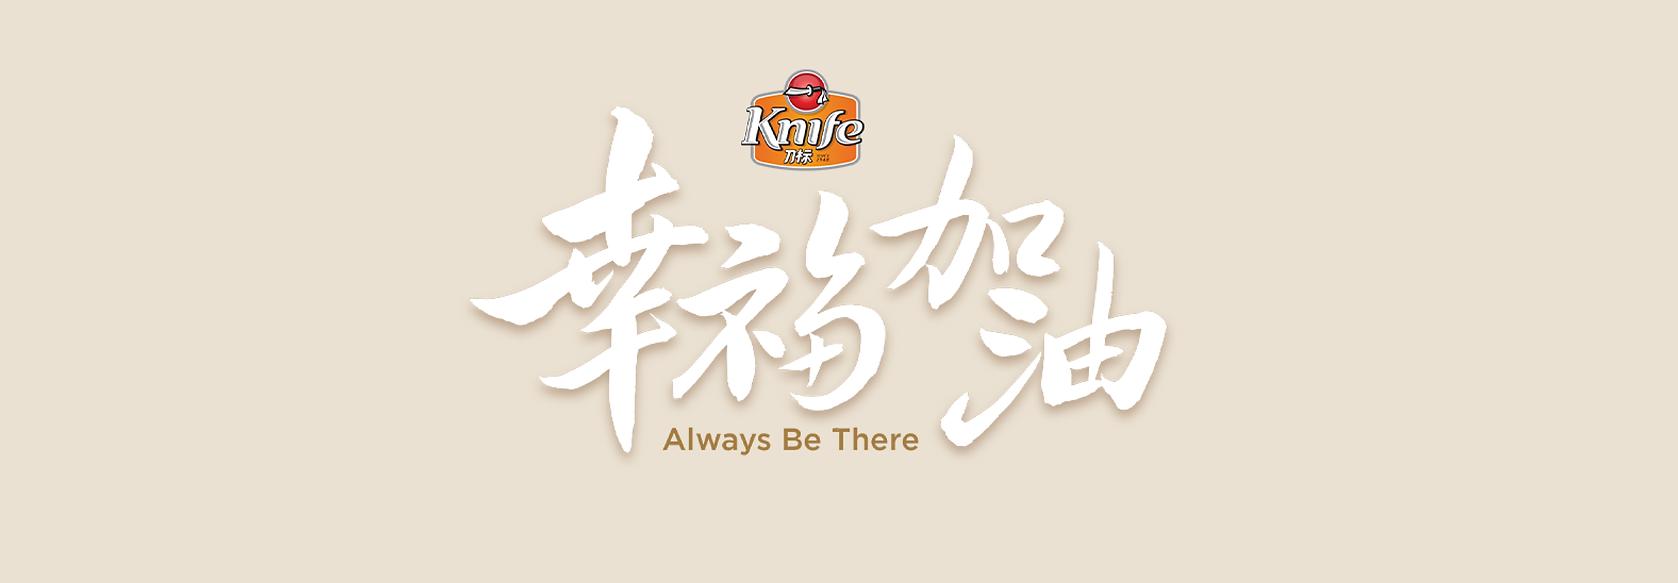 Knife_Website-09.png